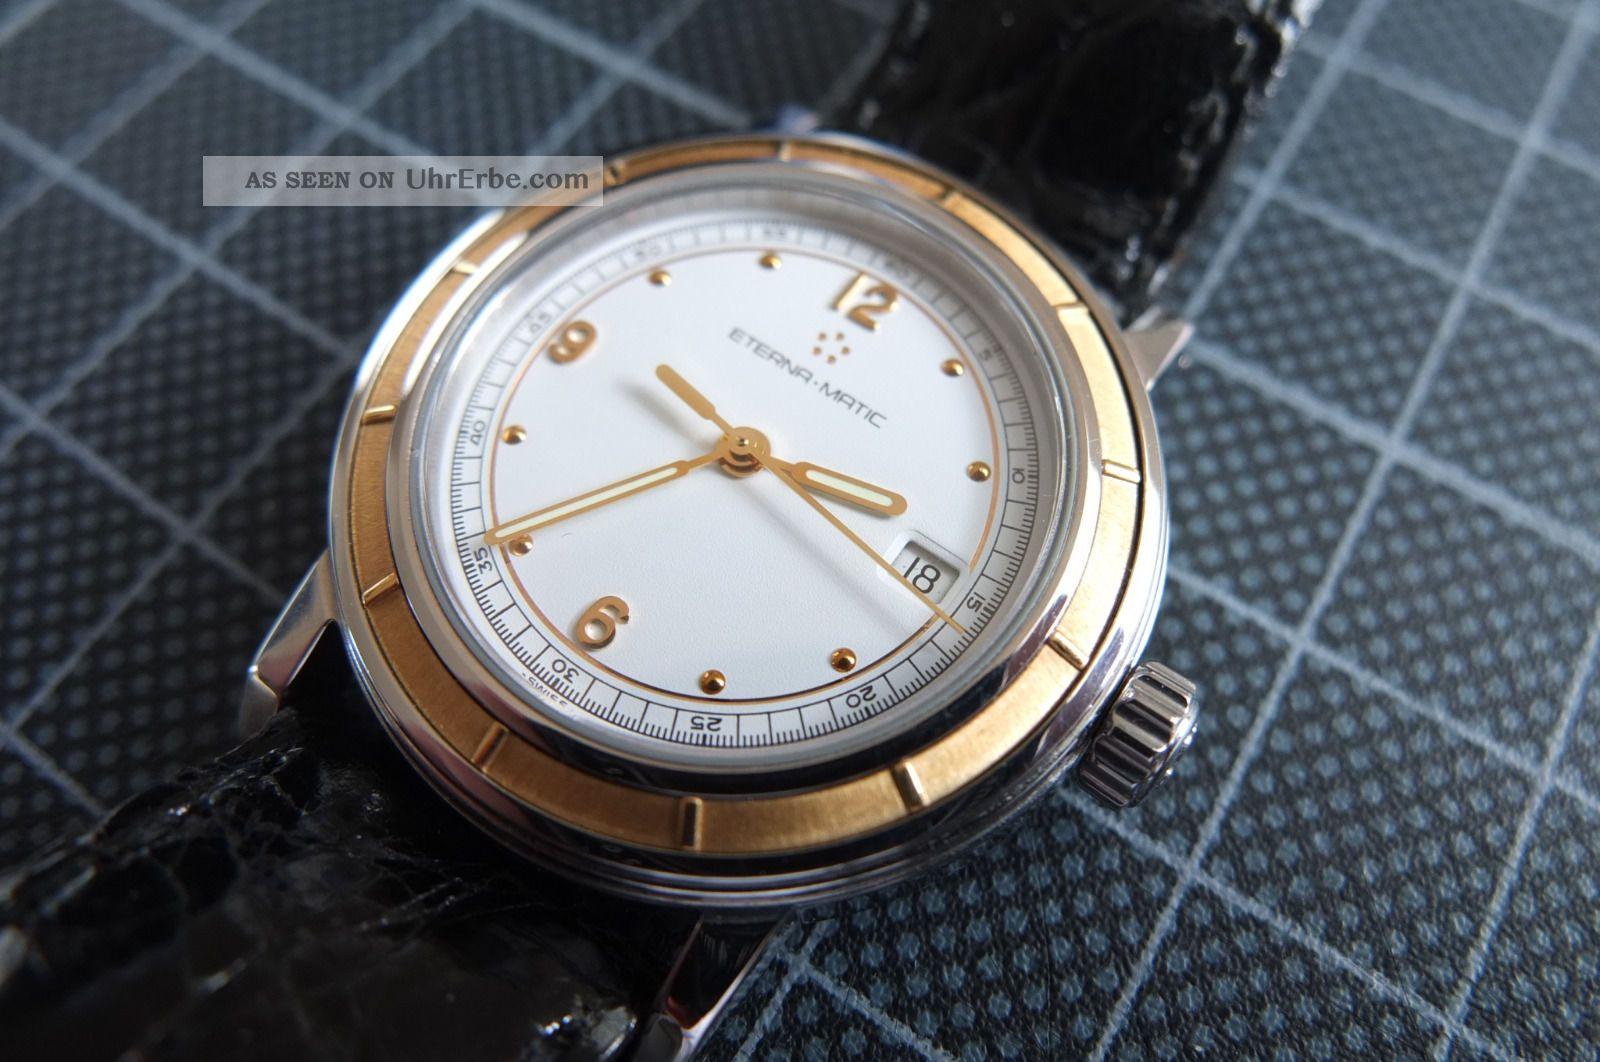 Eterna Matic Gelbgold - Stahl Damenuhr Wie Mit Armbanduhren Bild